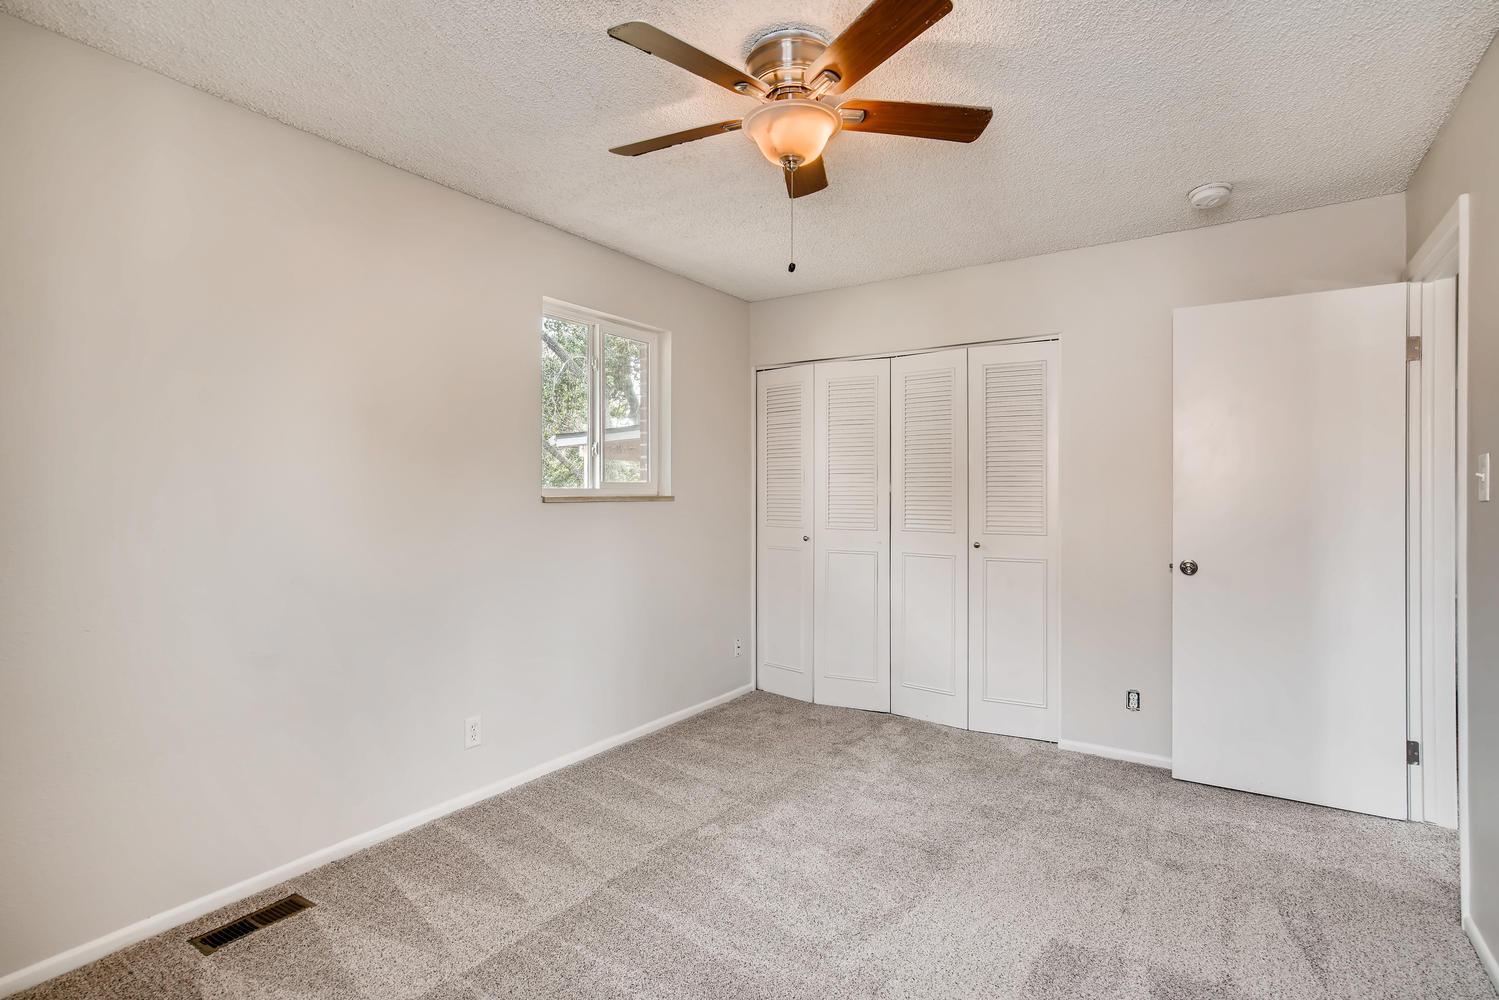 REAL ESTATE LISTING: 13040 Pensacola Place Denver Master Bedroom